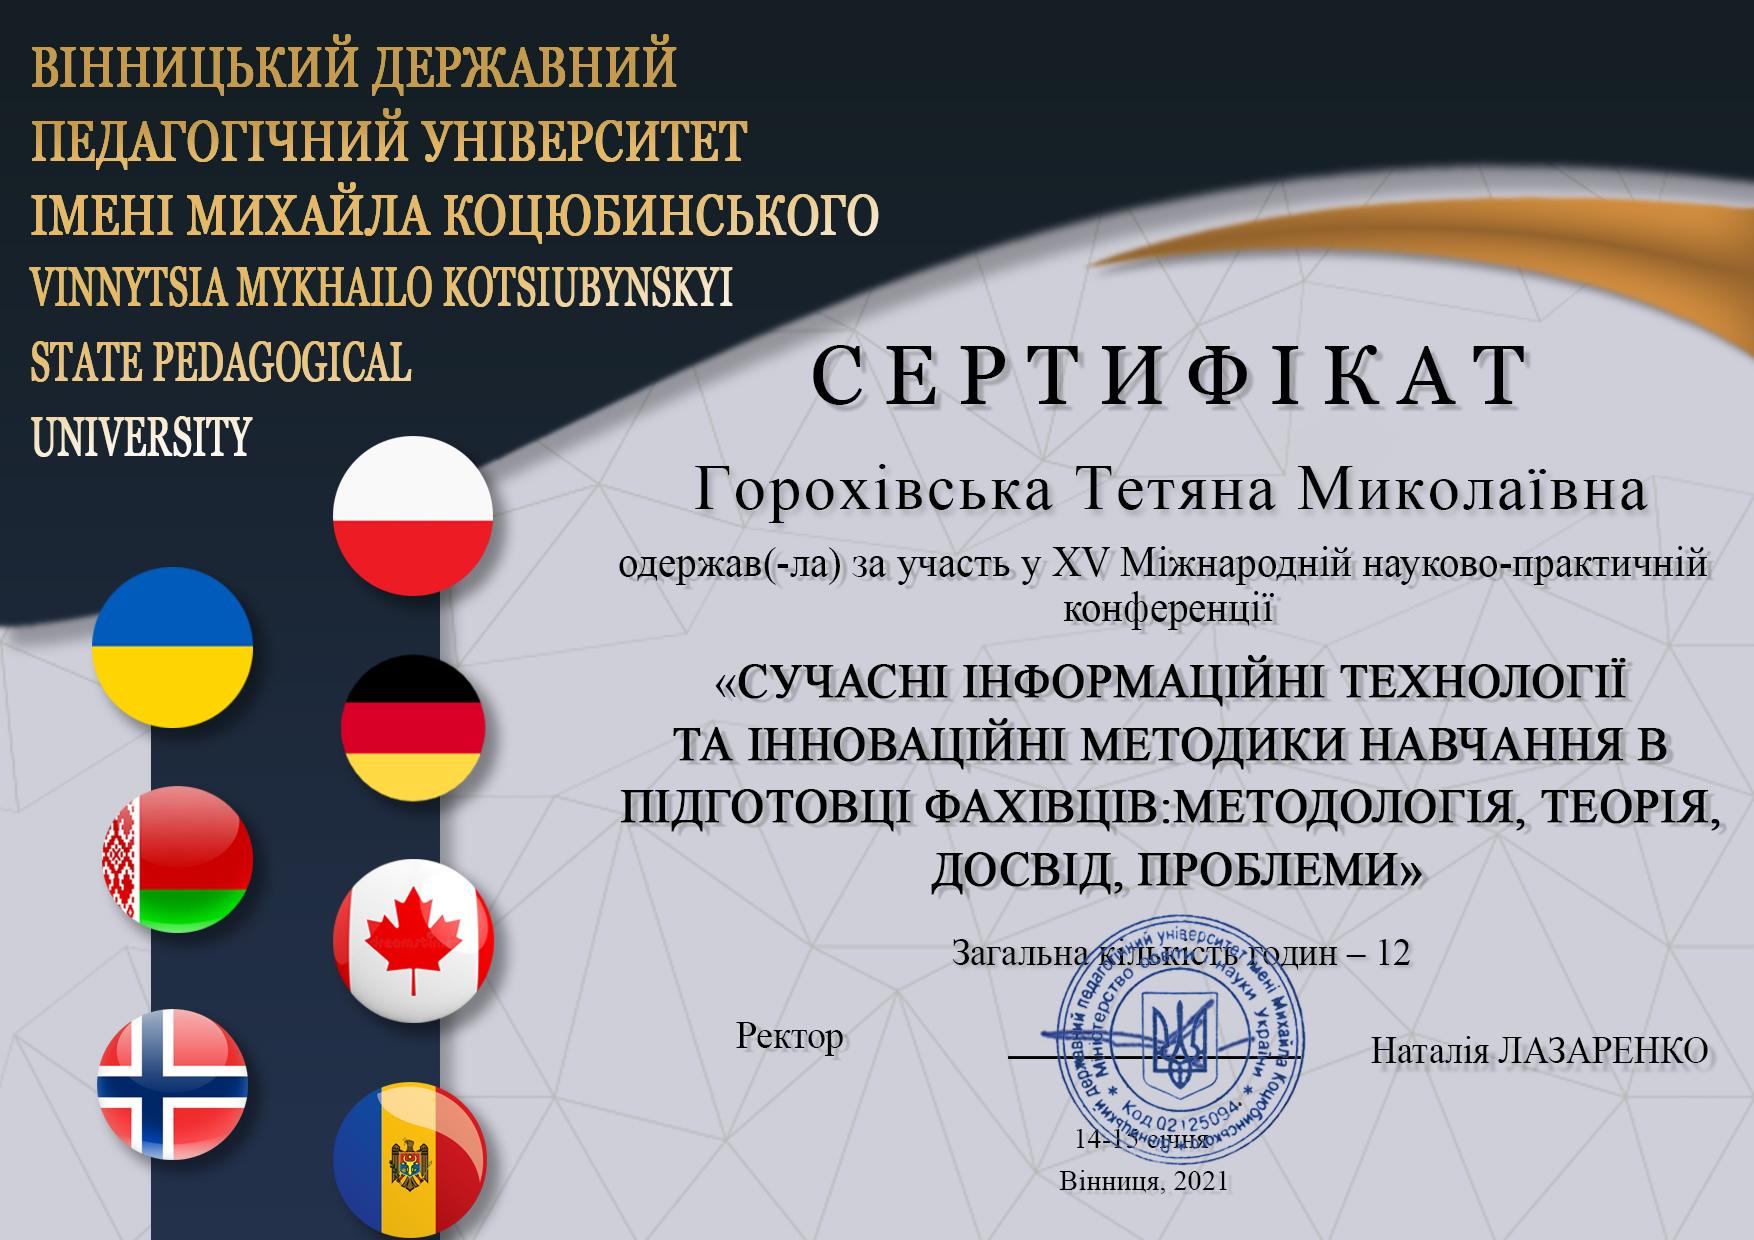 Горохівська Тетяна Миколаївна